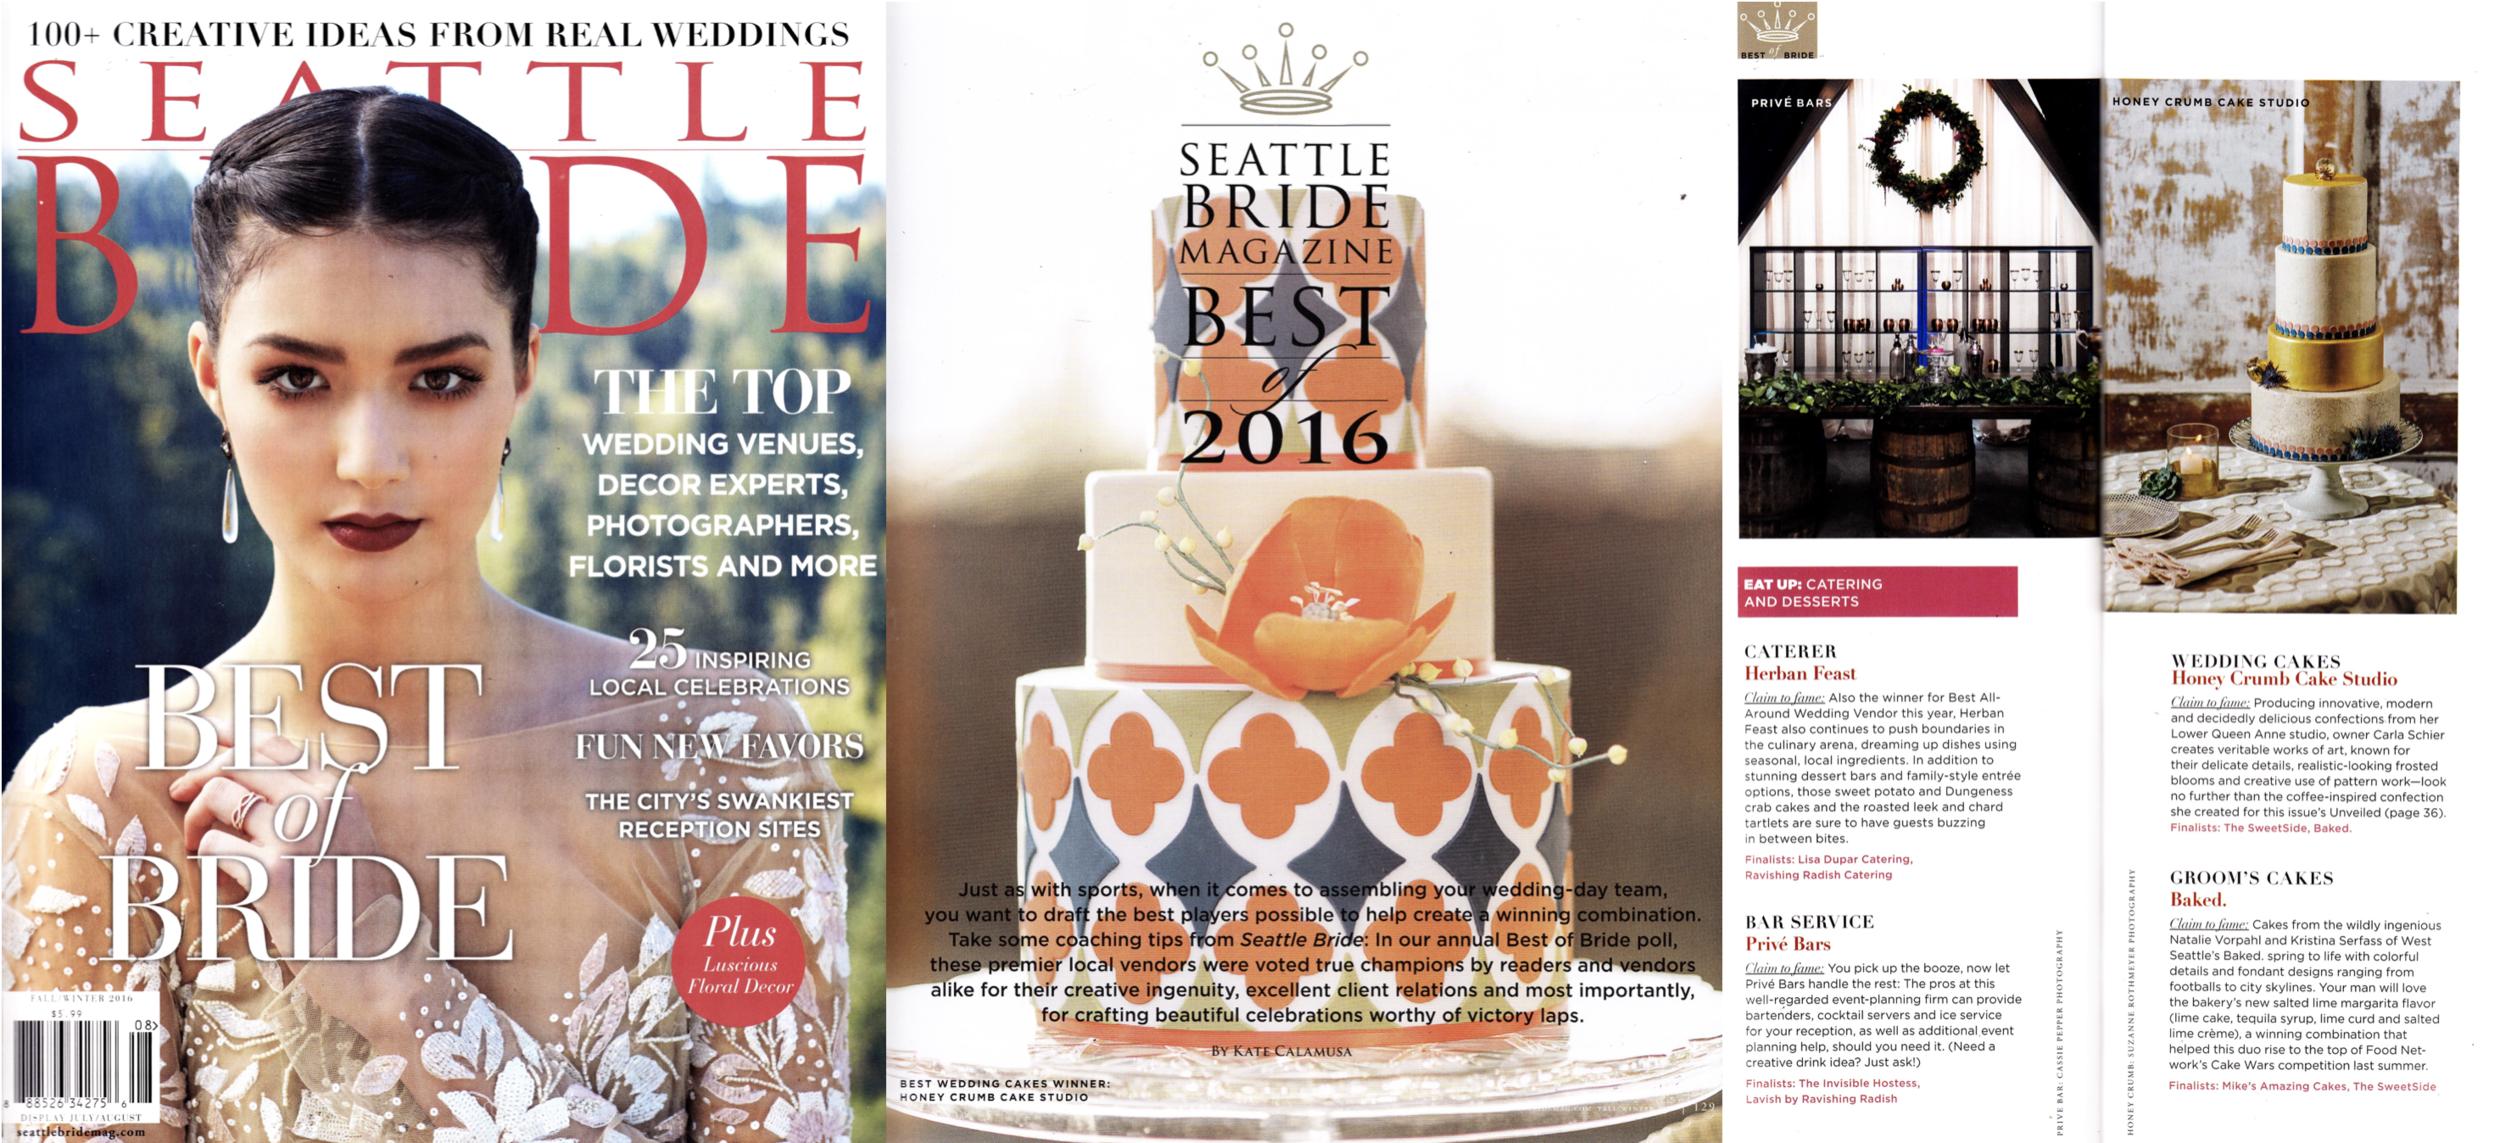 """Seattle Bride, Fall-Winter 2016 (""""Best Wedding Cakes"""" winner in Best of Bride 2016)"""